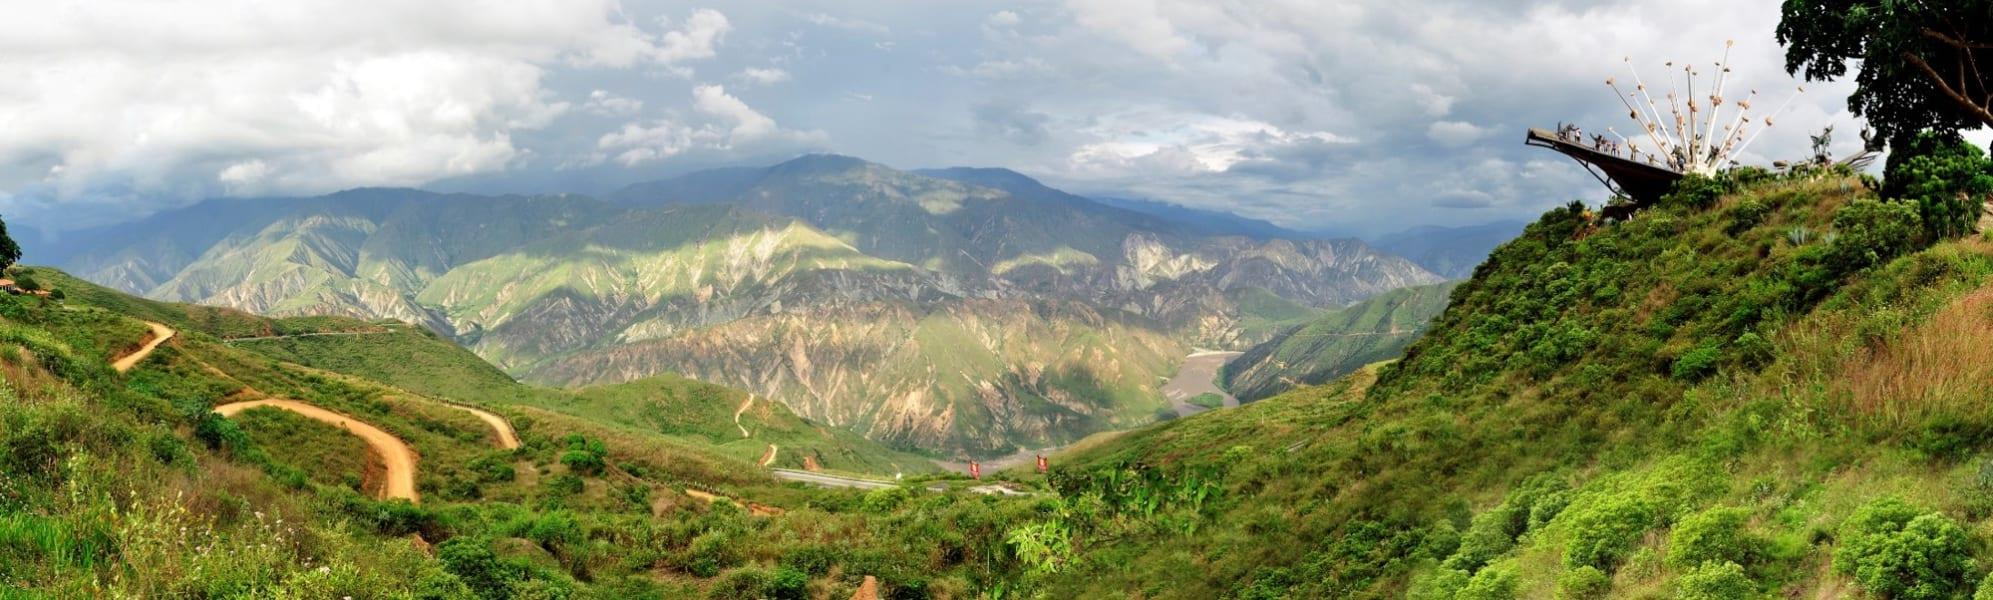 ZAIA Travel Explore Colombian Coffee and Nature Bogota Colombia Cañon de Chicamocha